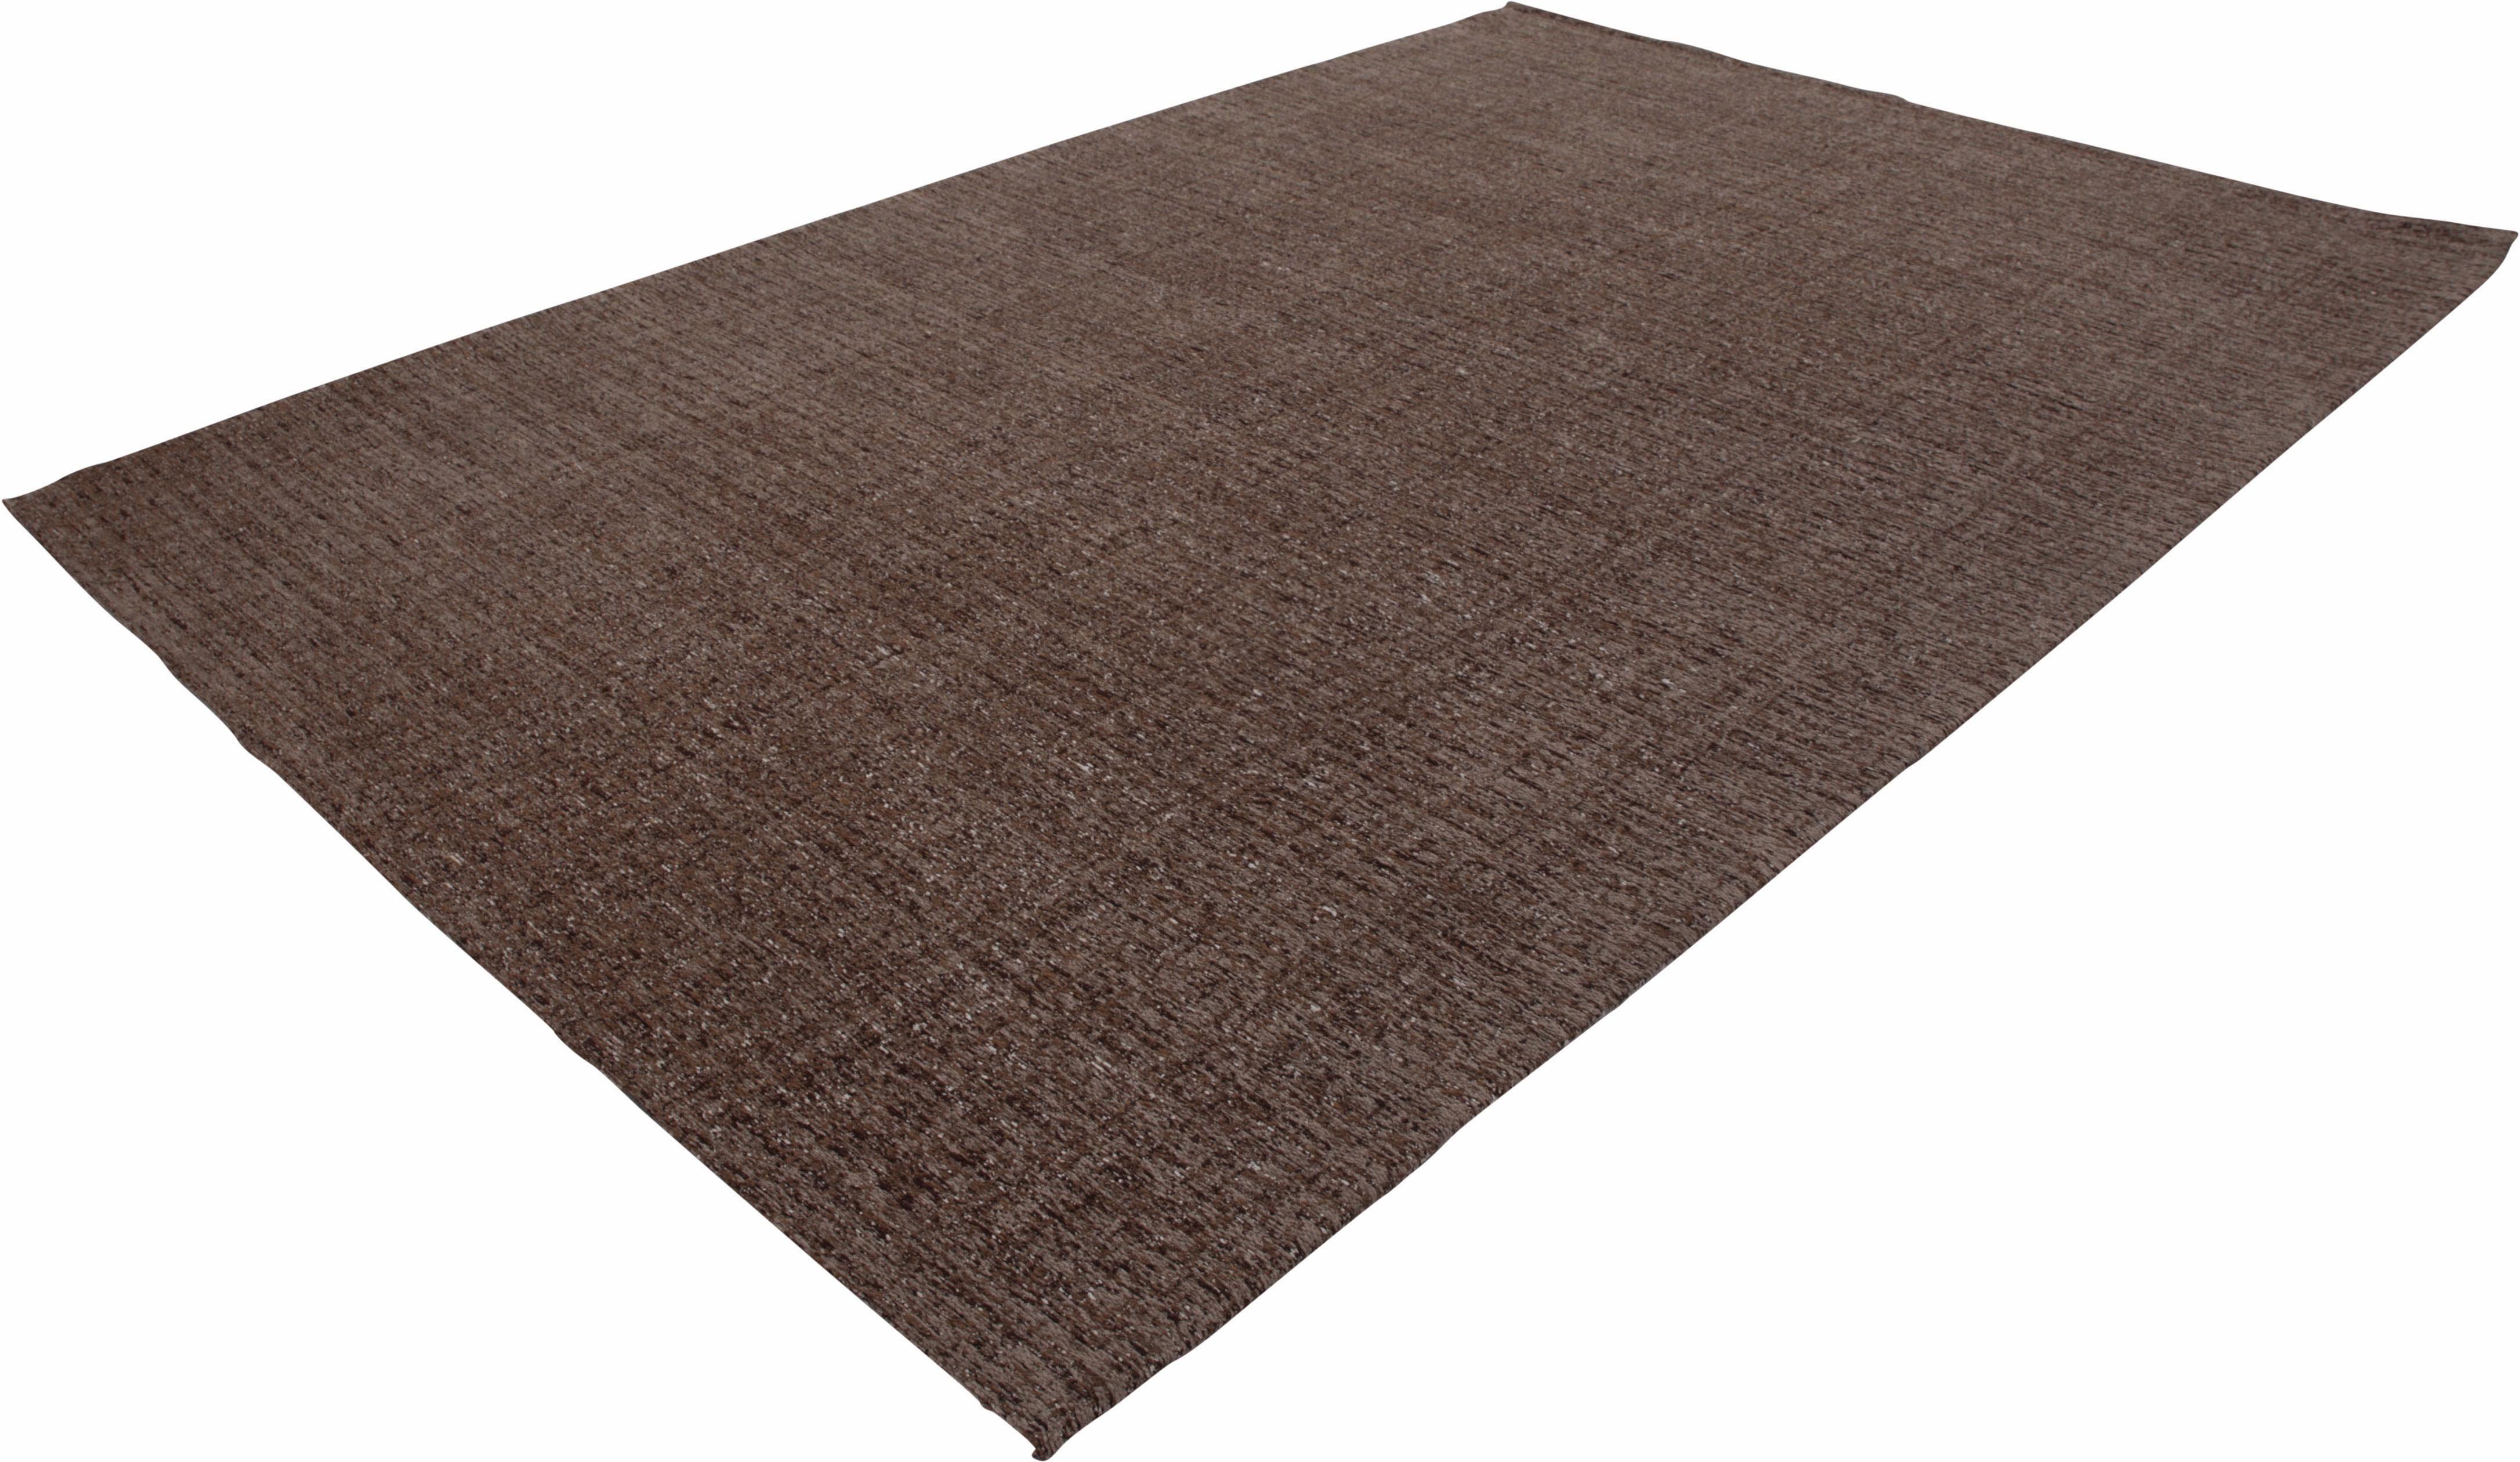 Teppich »Cocoon 997«, LALEE, rechteckig, Höhe 10 mm, Besonders weich durch Microfaser